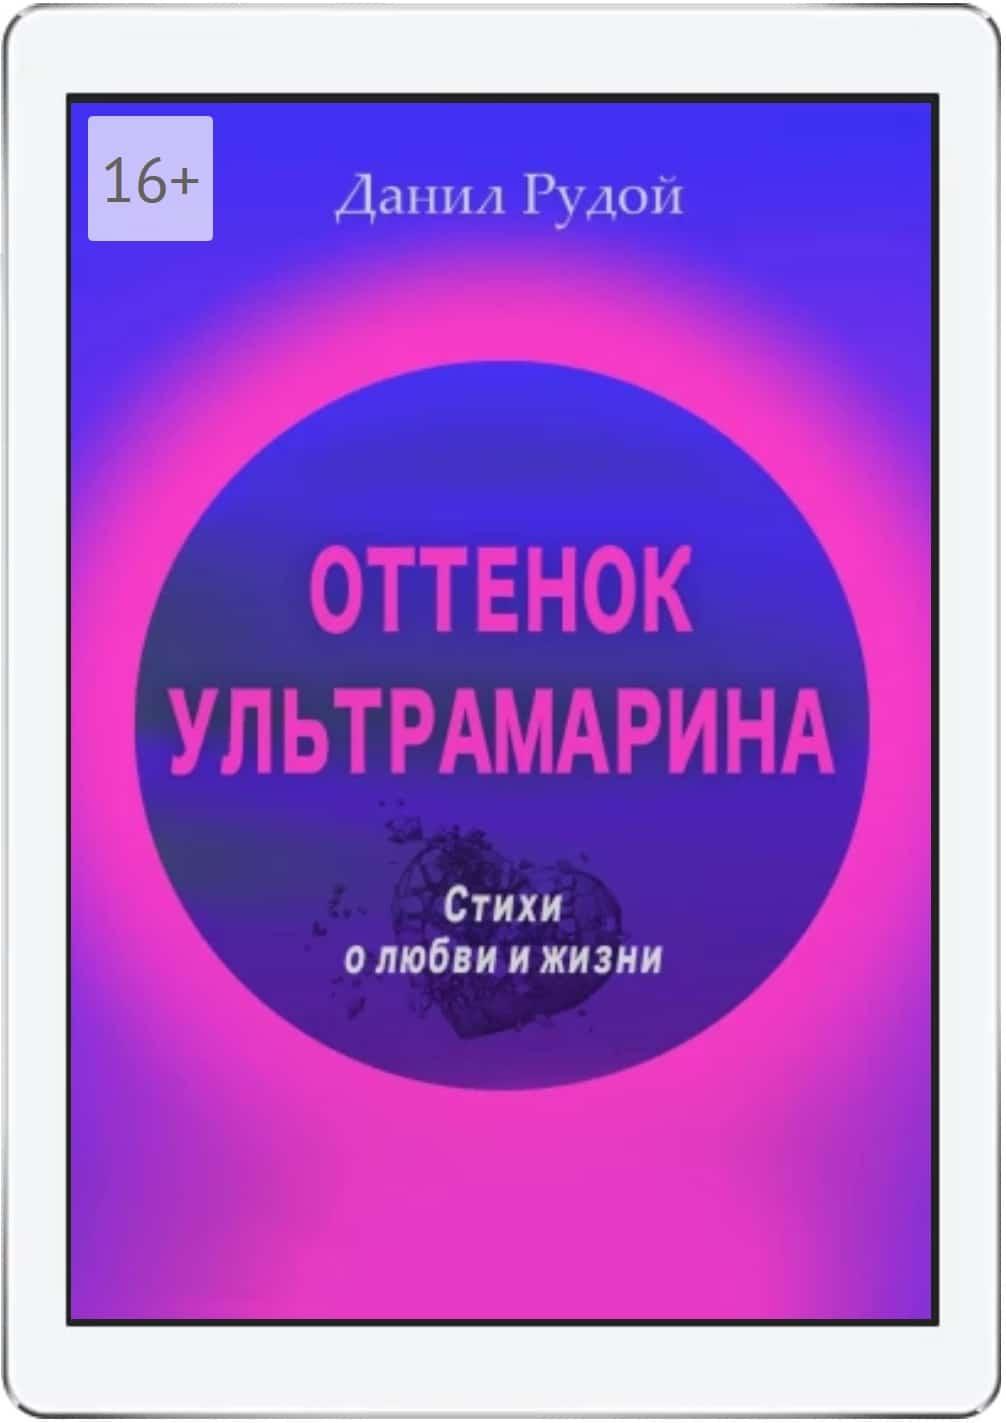 оттенок ультрамарина - Данил Рудой